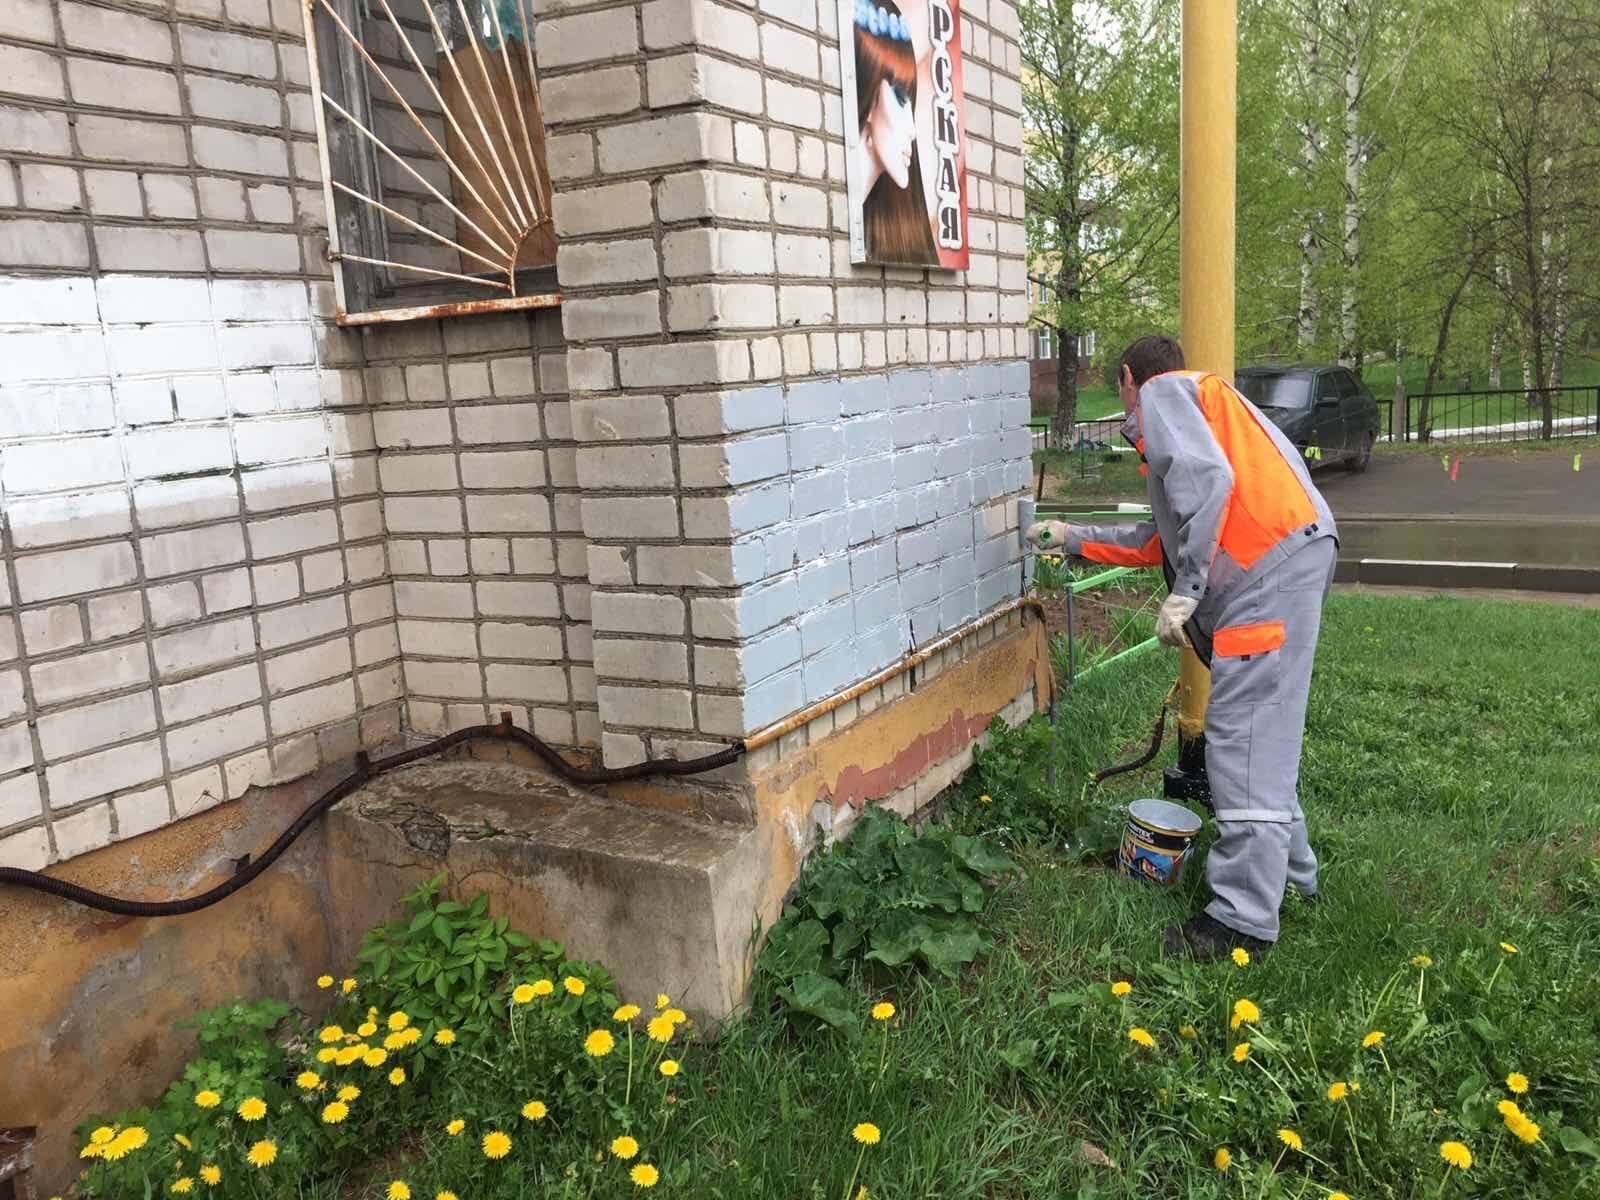 Ул. Московская, 165. Закрашены надписи на фасаде